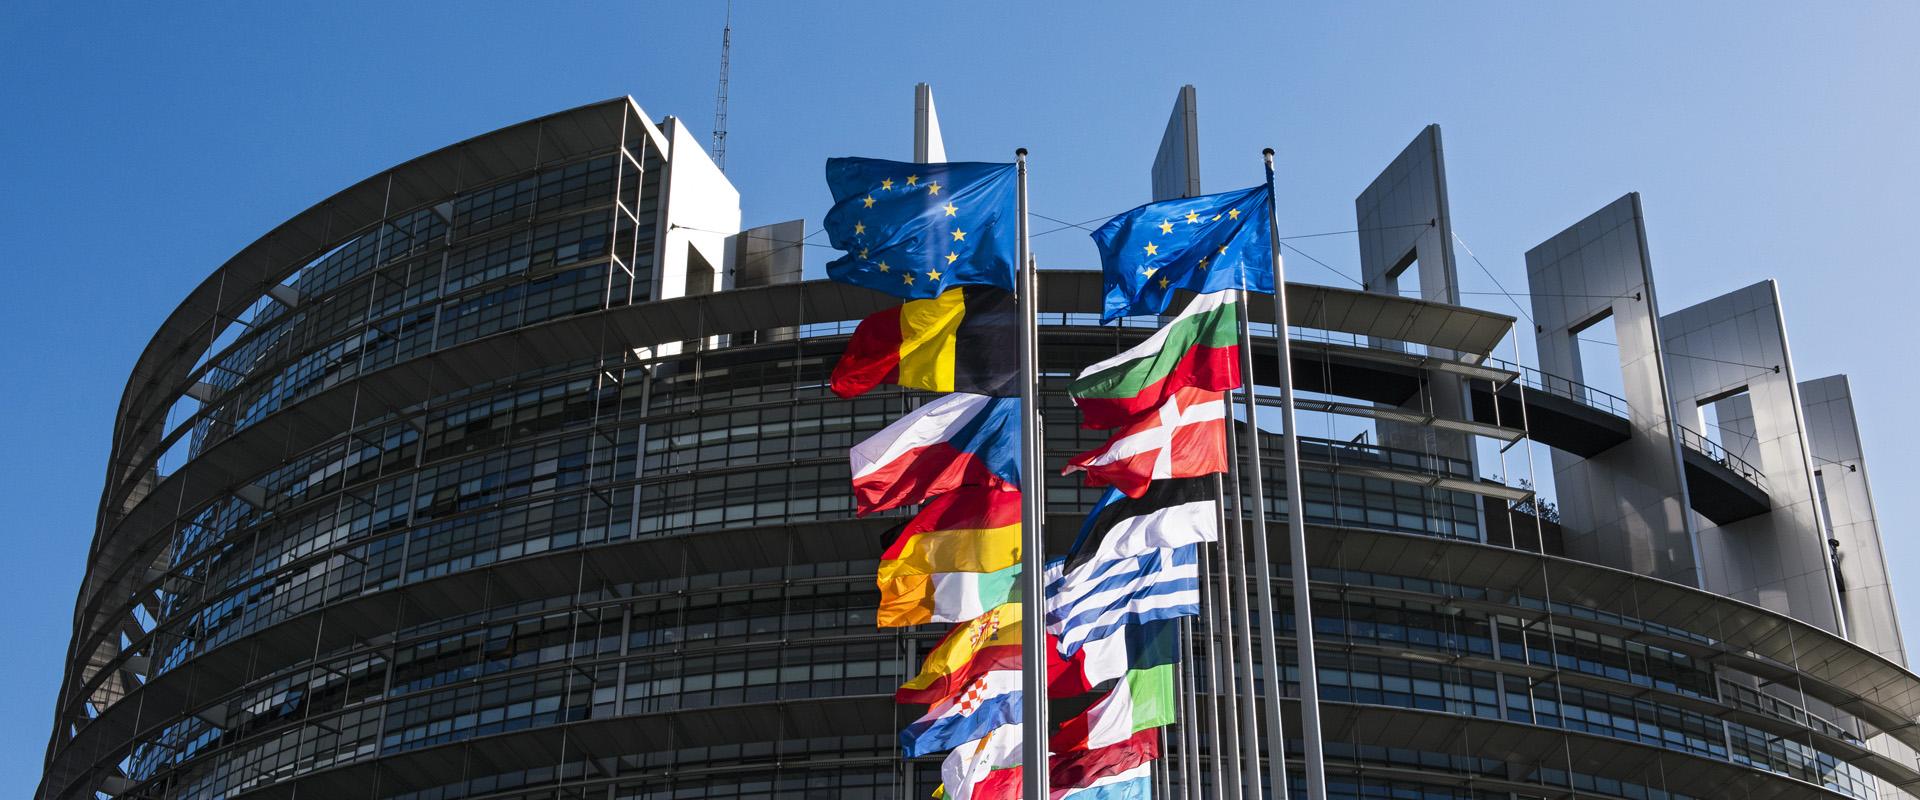 V EU a NATO přes Zakarpatí: co lze a co by se mělo dělat na regionální úrovni